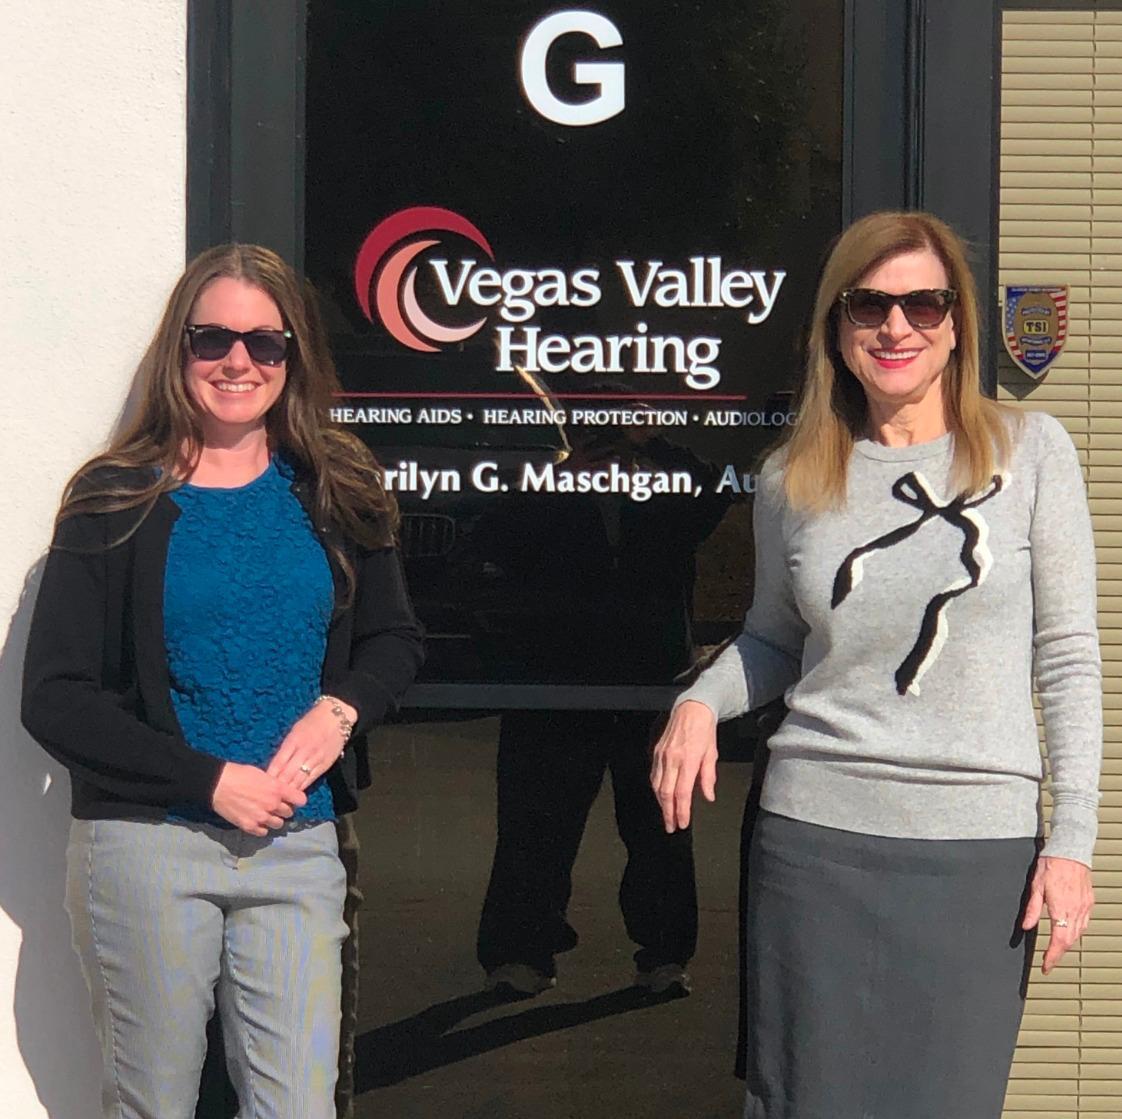 Vegas Valley Hearing image 4